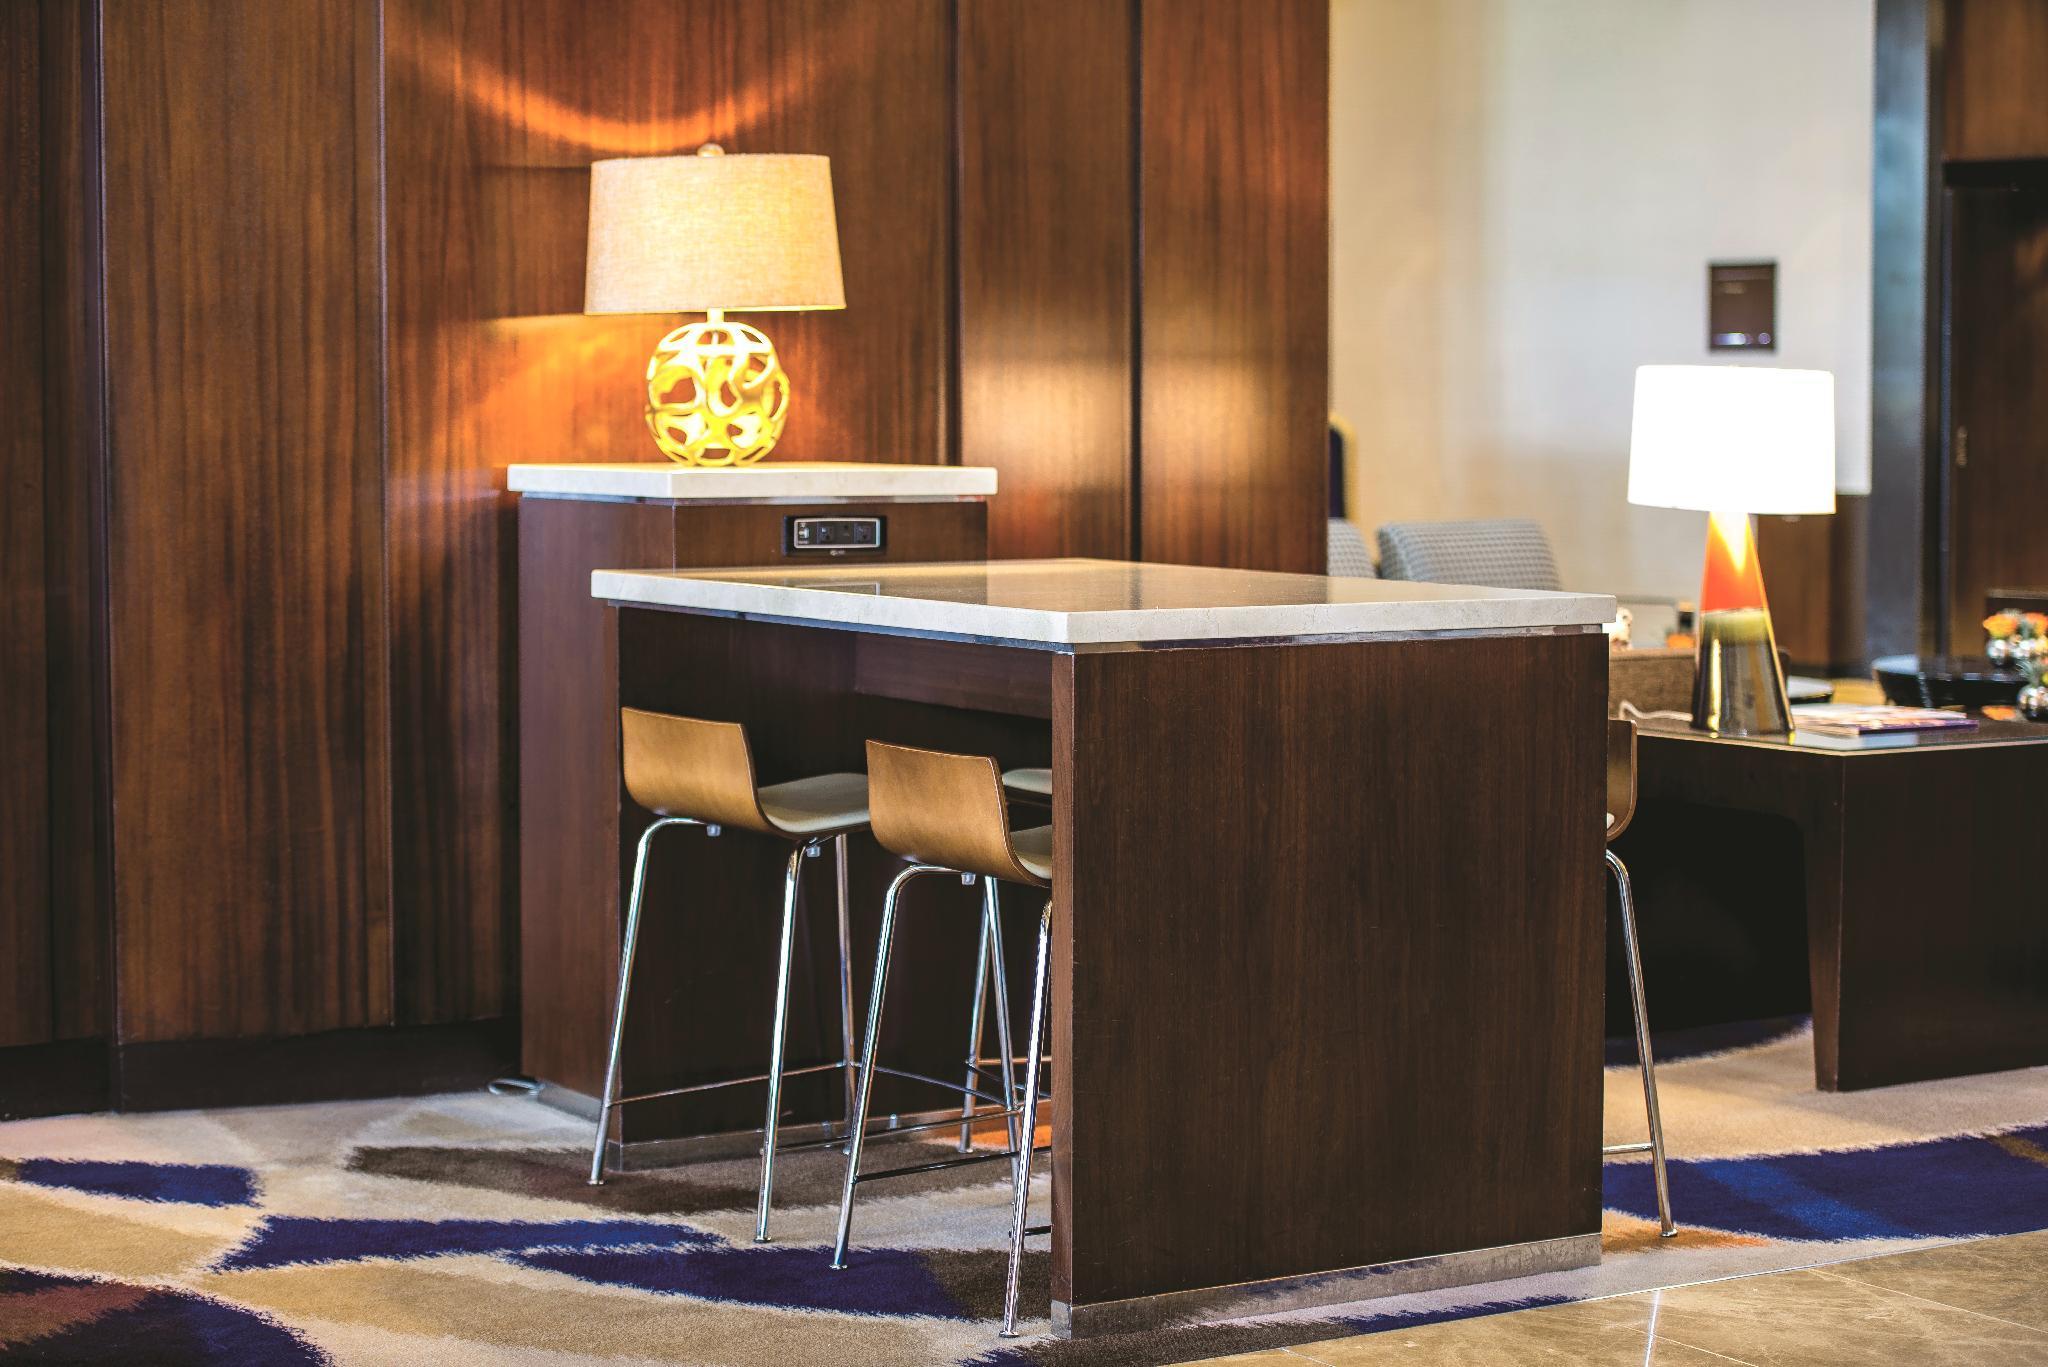 Best Price On Vdara Hotel U0026 Spa At Citycenter Las Vegas In Las ... Part 78